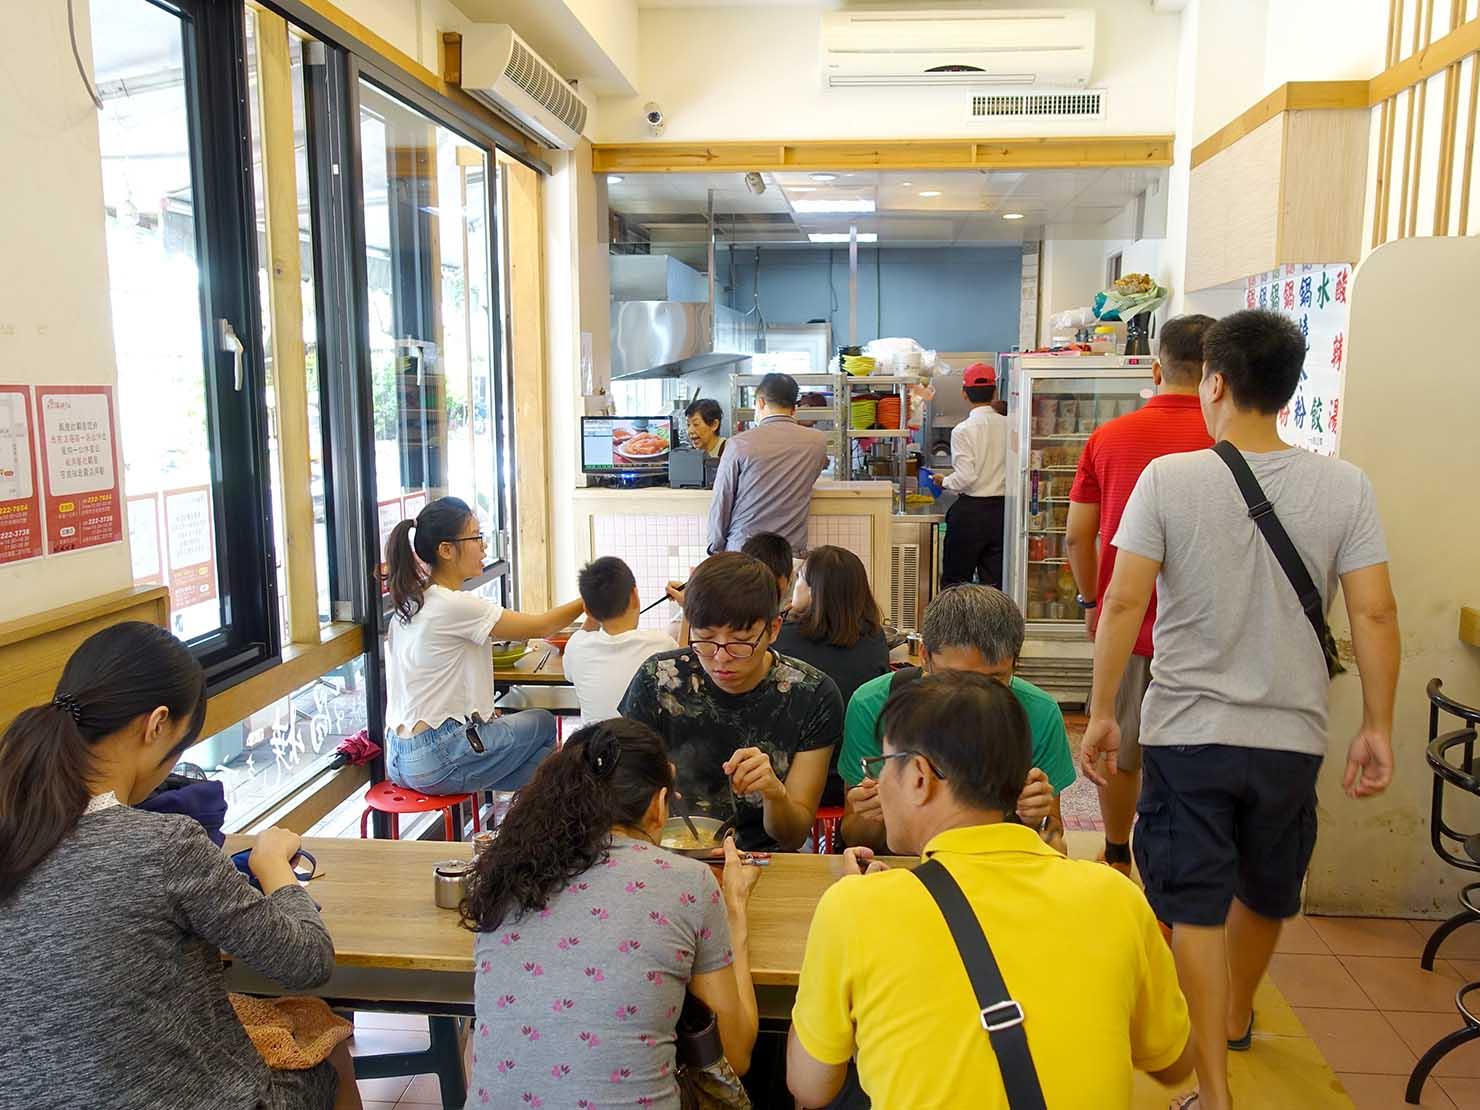 台南・赤崁樓周辺のおすすめグルメ店「民族鍋焼老店」の店内